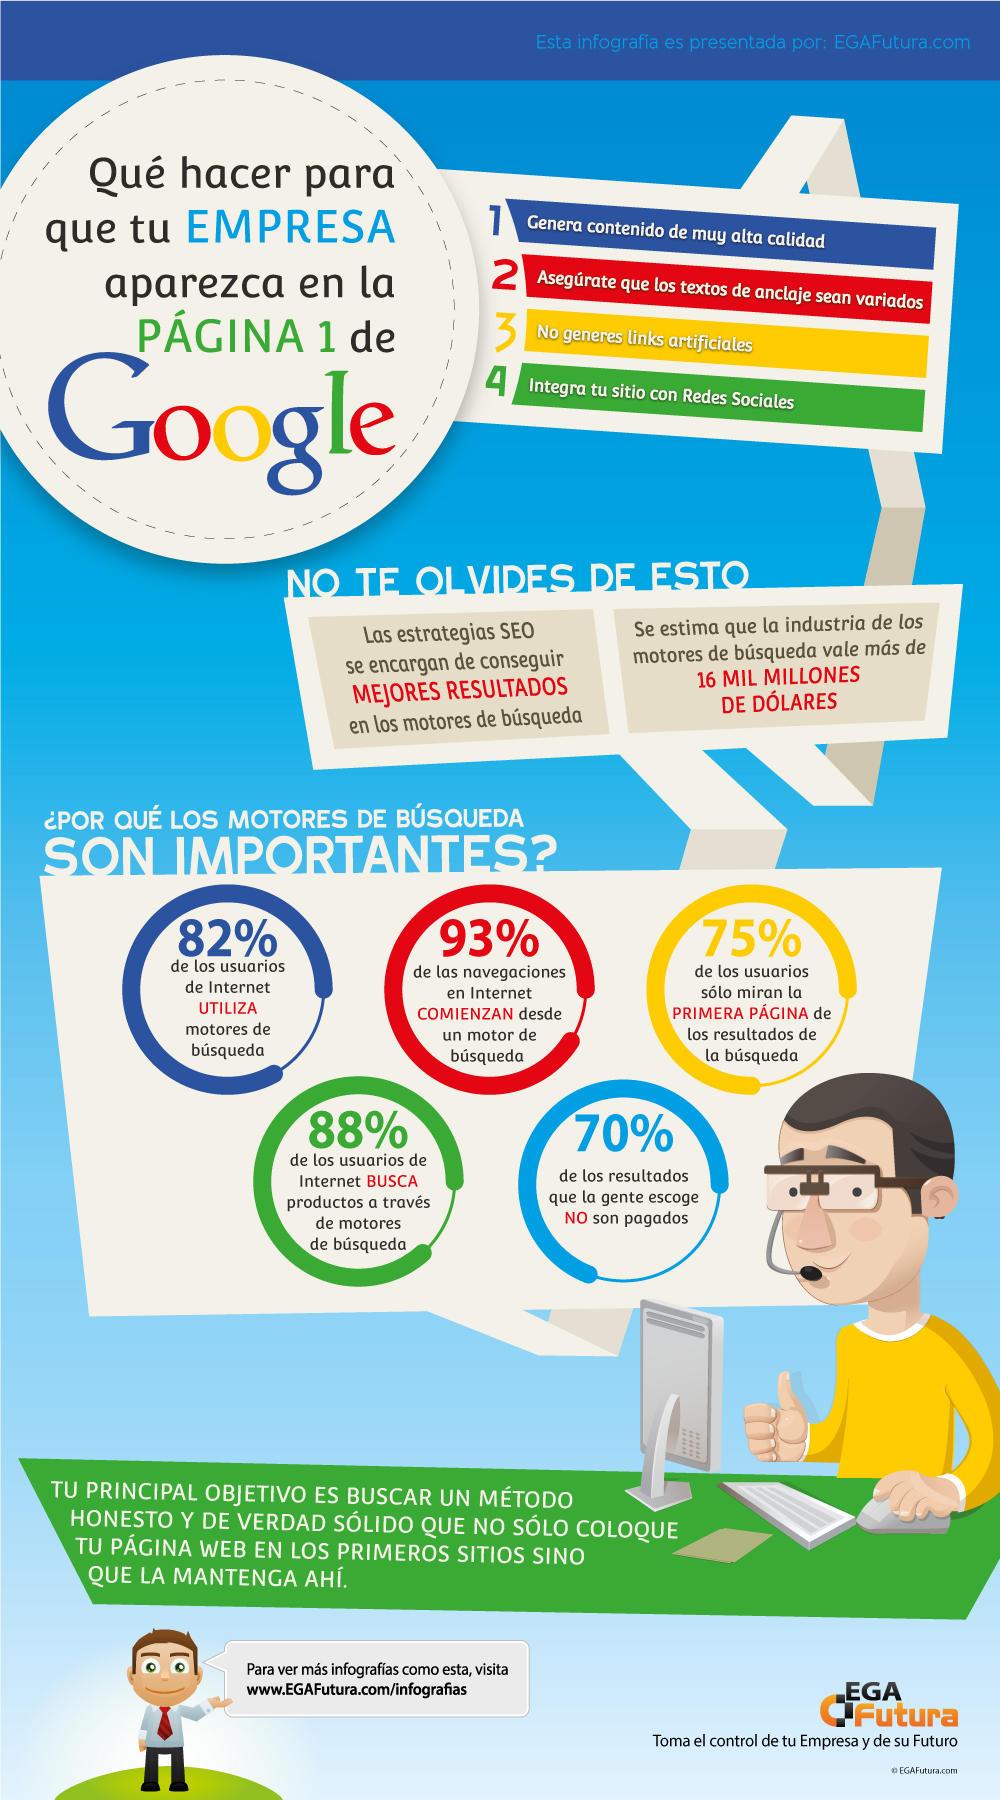 Infografía: Qué hacer para que tu Empresa aparezca en la Página 1 de Google